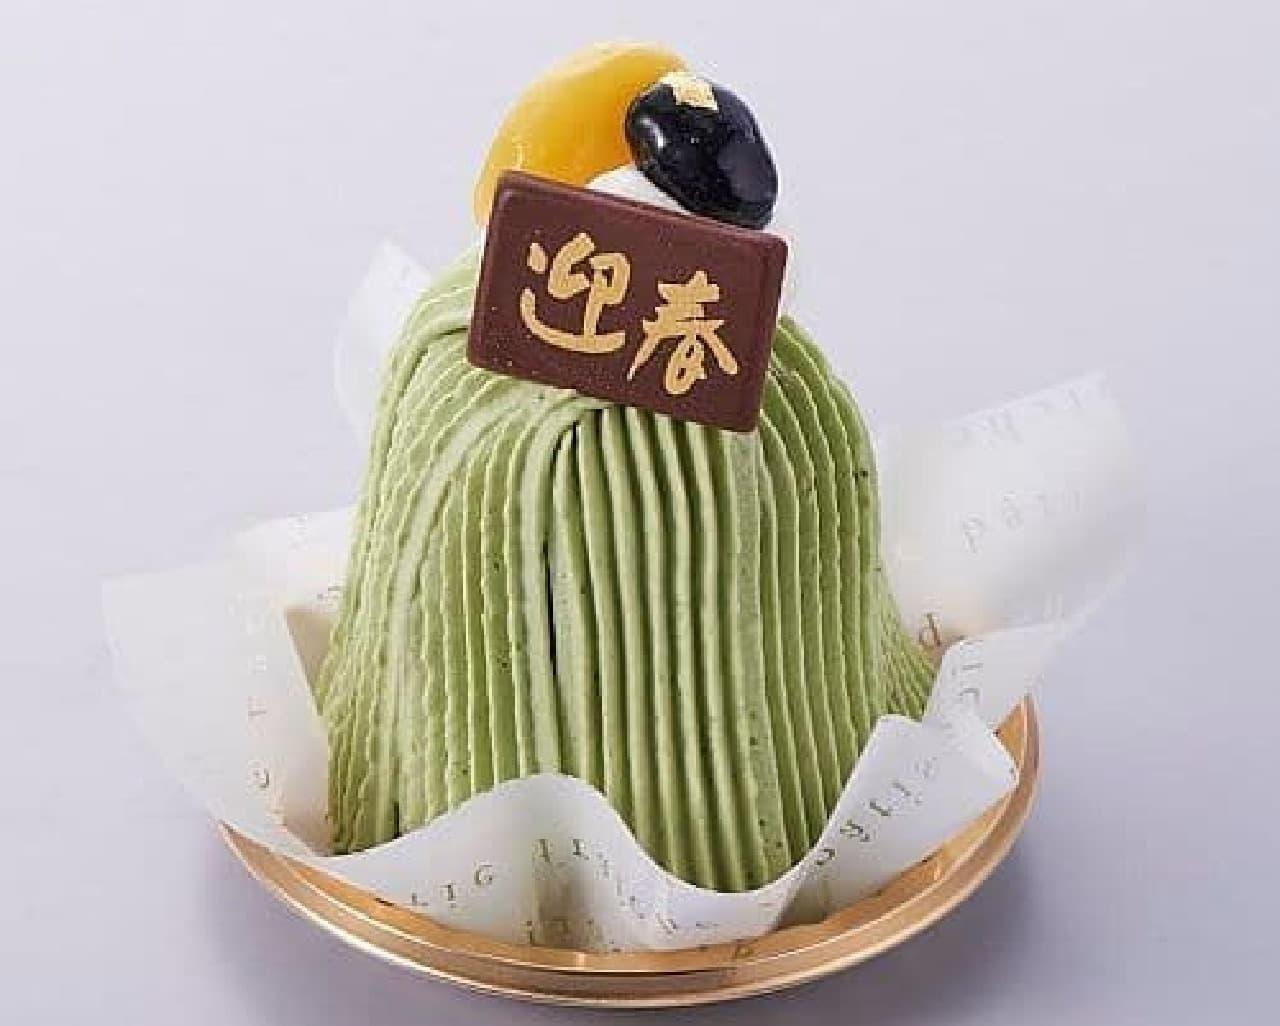 シャトレーゼ「賀正ケーキ 宇治の風」